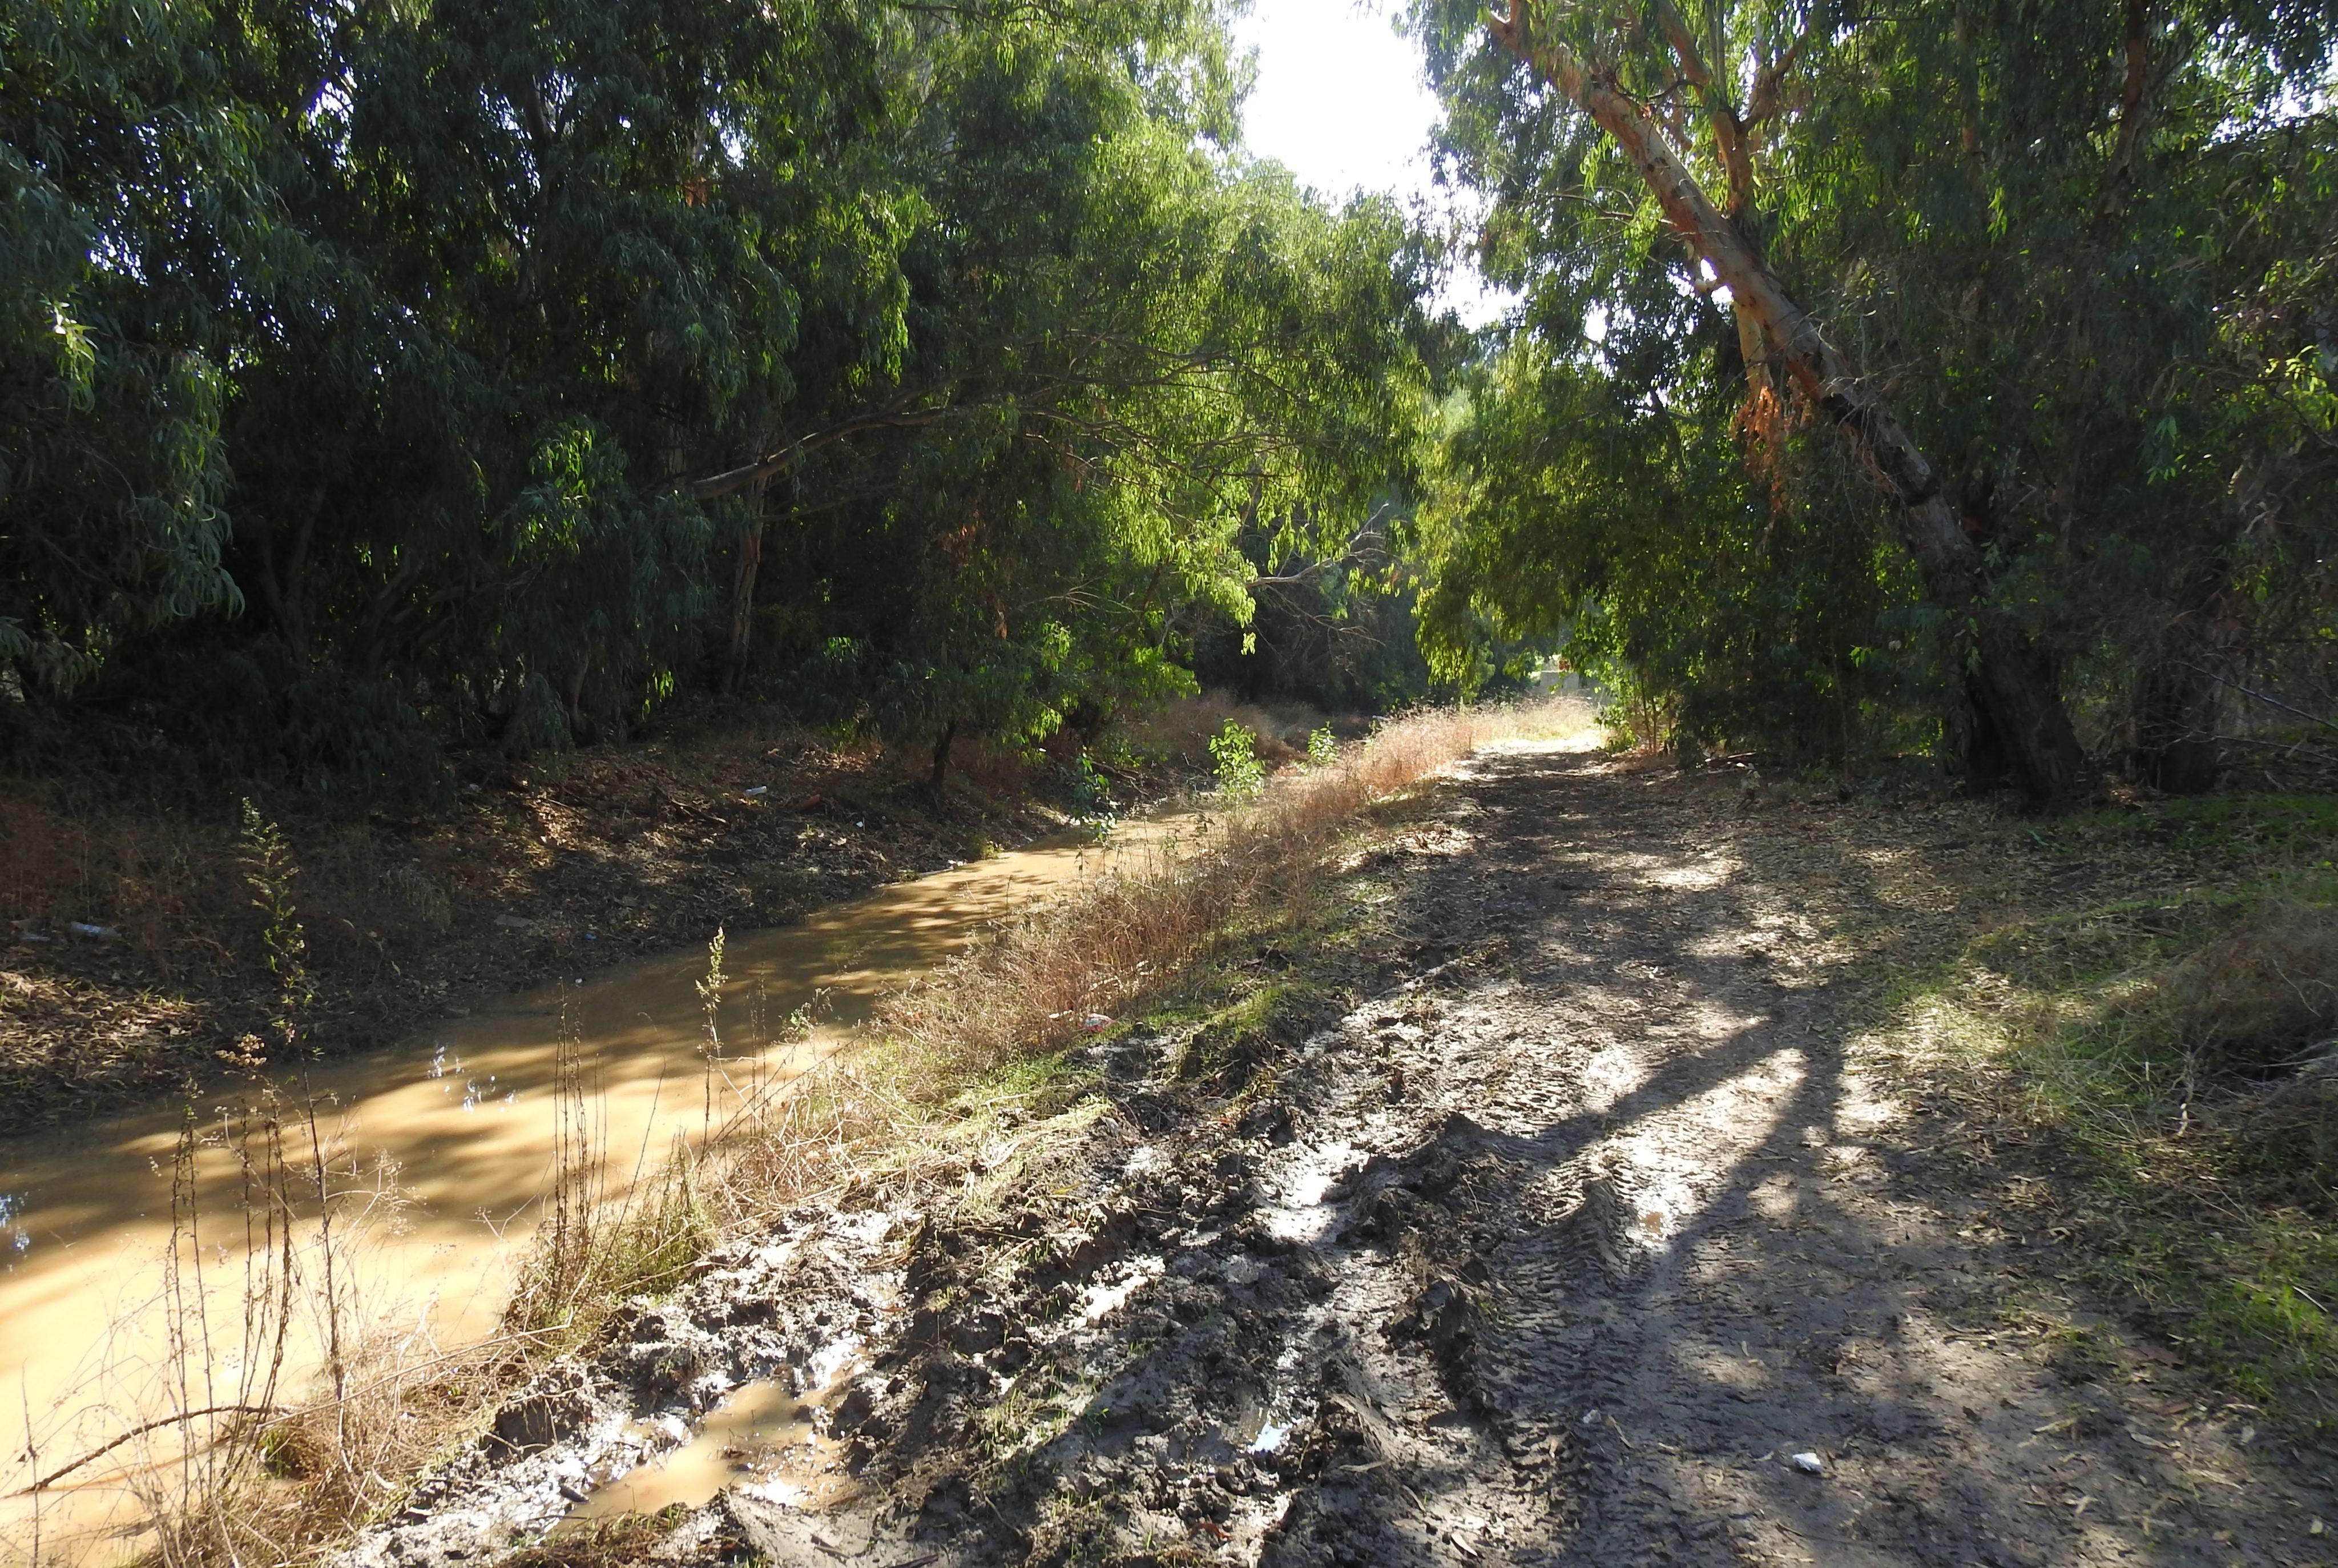 Muddy path along Nachal Achiya